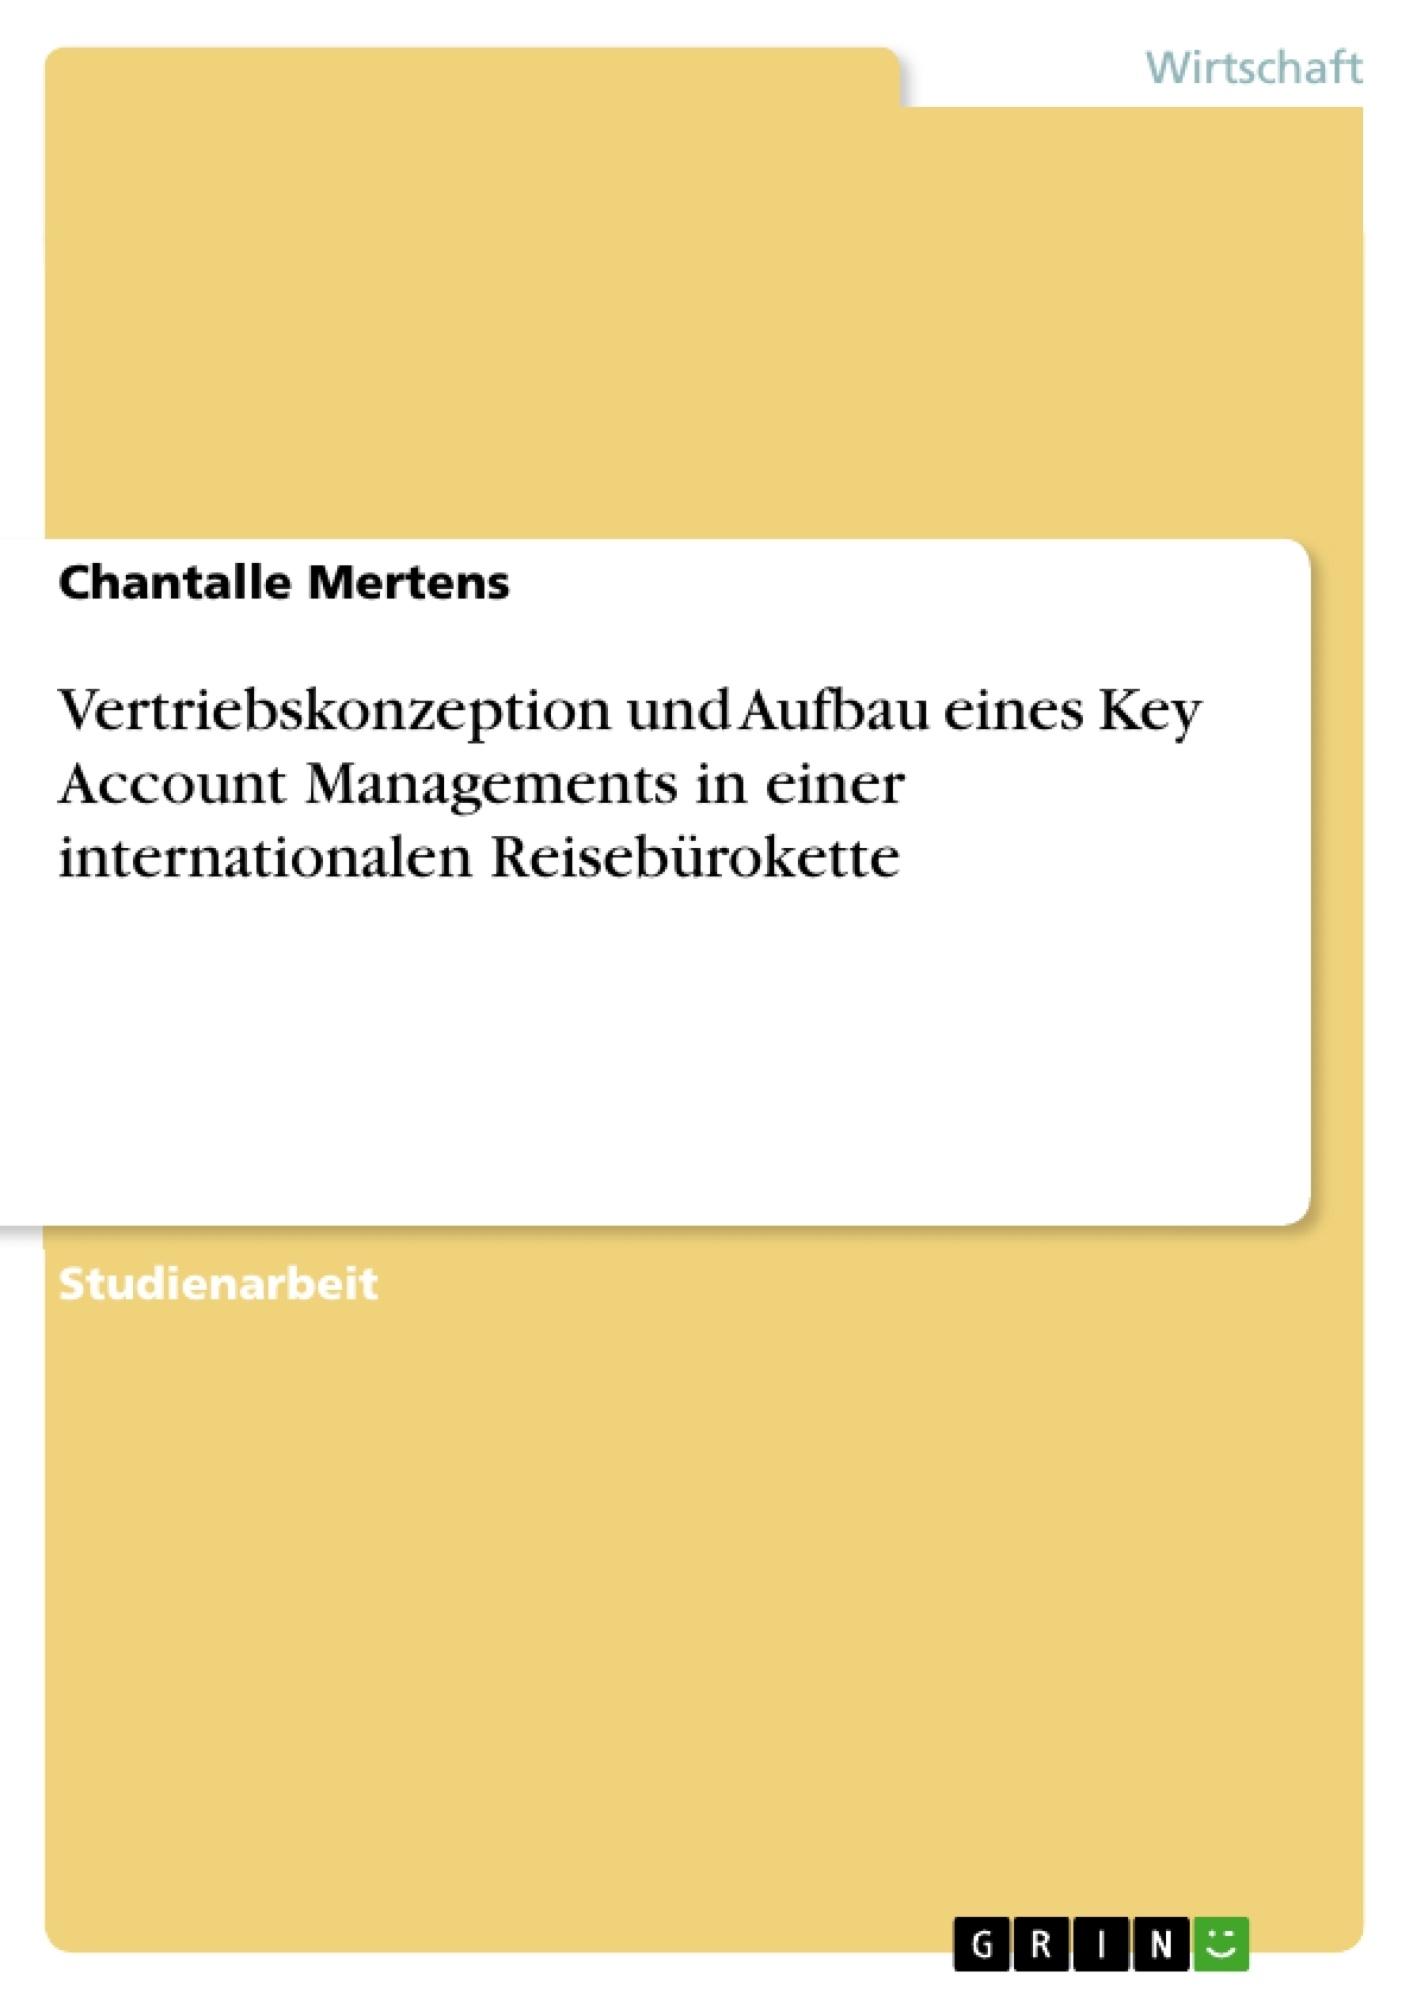 Titel: Vertriebskonzeption und Aufbau eines Key Account Managements in einer internationalen Reisebürokette